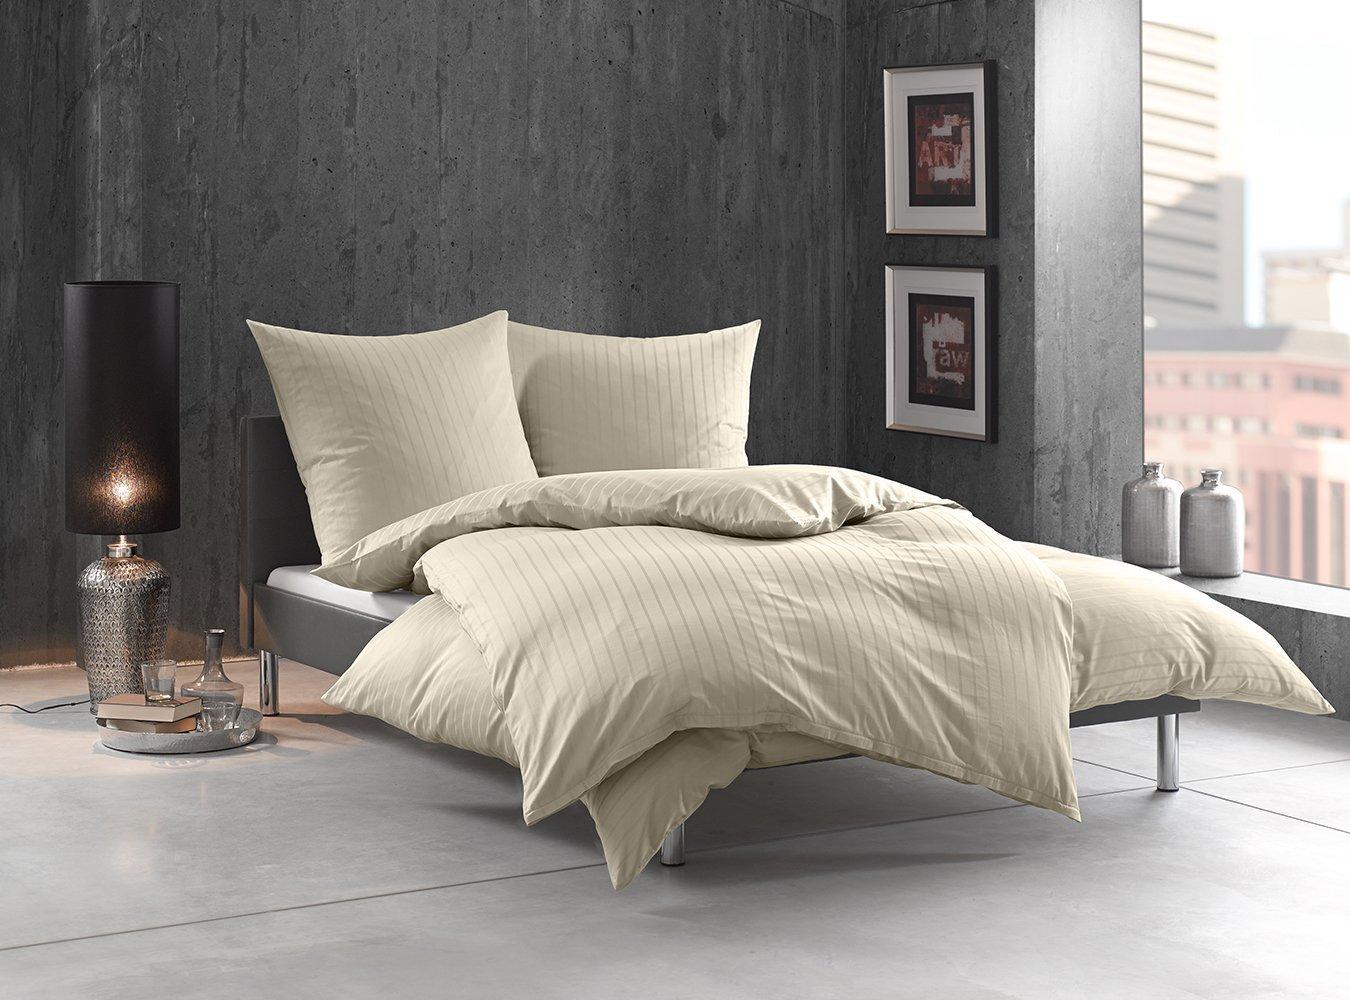 Bettdecken Bettbezüge Bettwaesche Mit Stil Mako Satin Damast